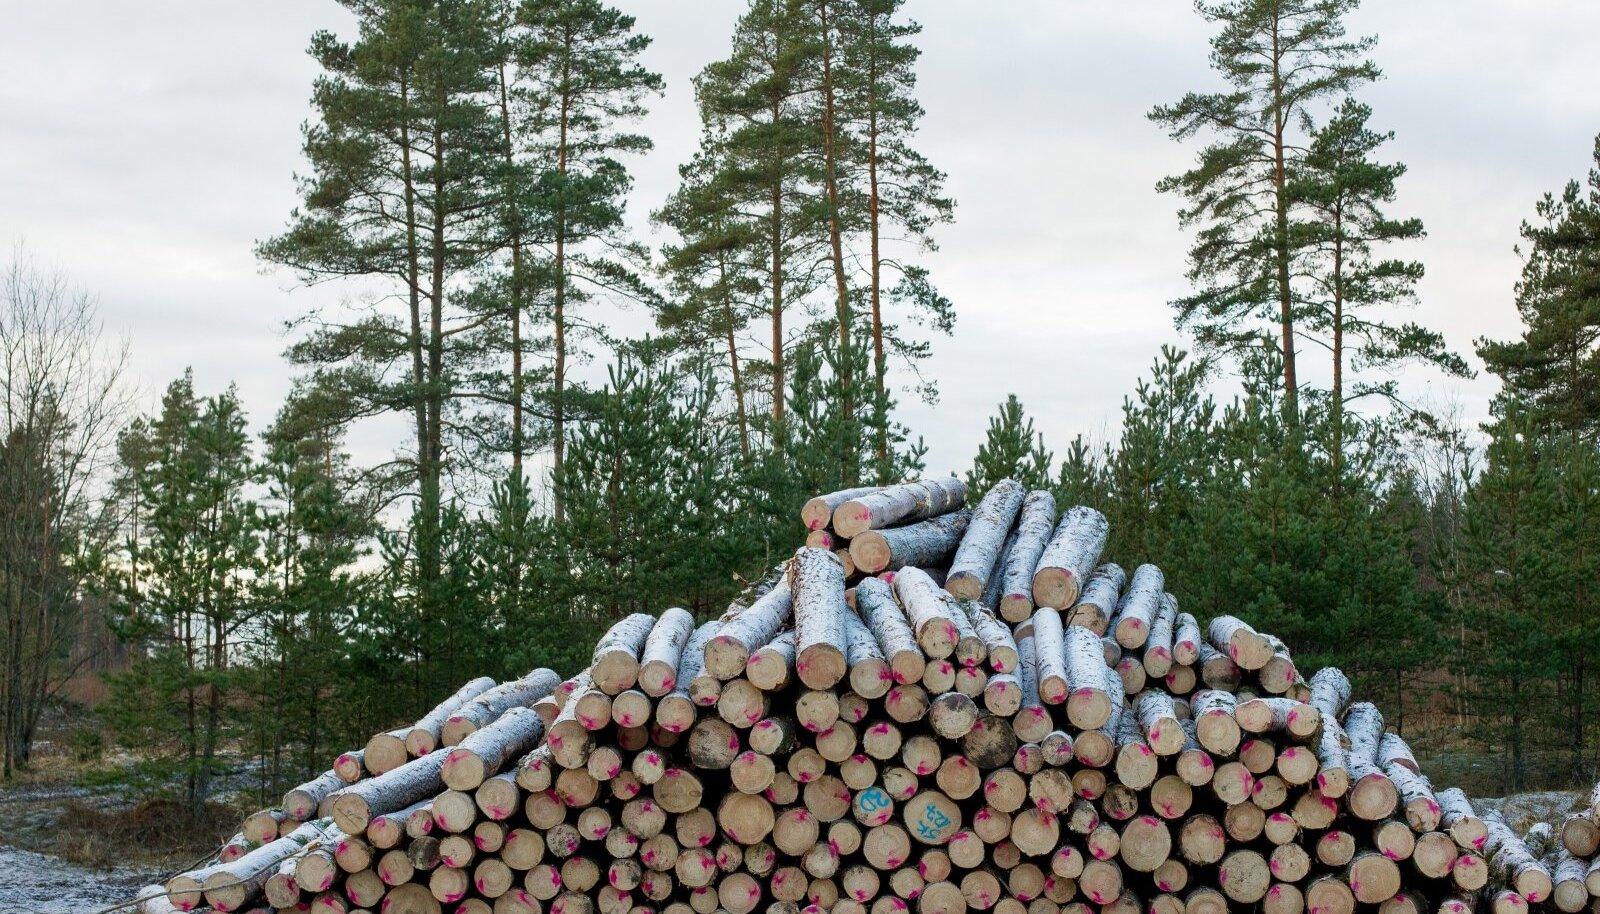 SMI andmed näitavad, et Eestis on metsa üle poole riigi pindalast ning kaitsealuste metsade osakaal on kasvanud 25,6%ni.